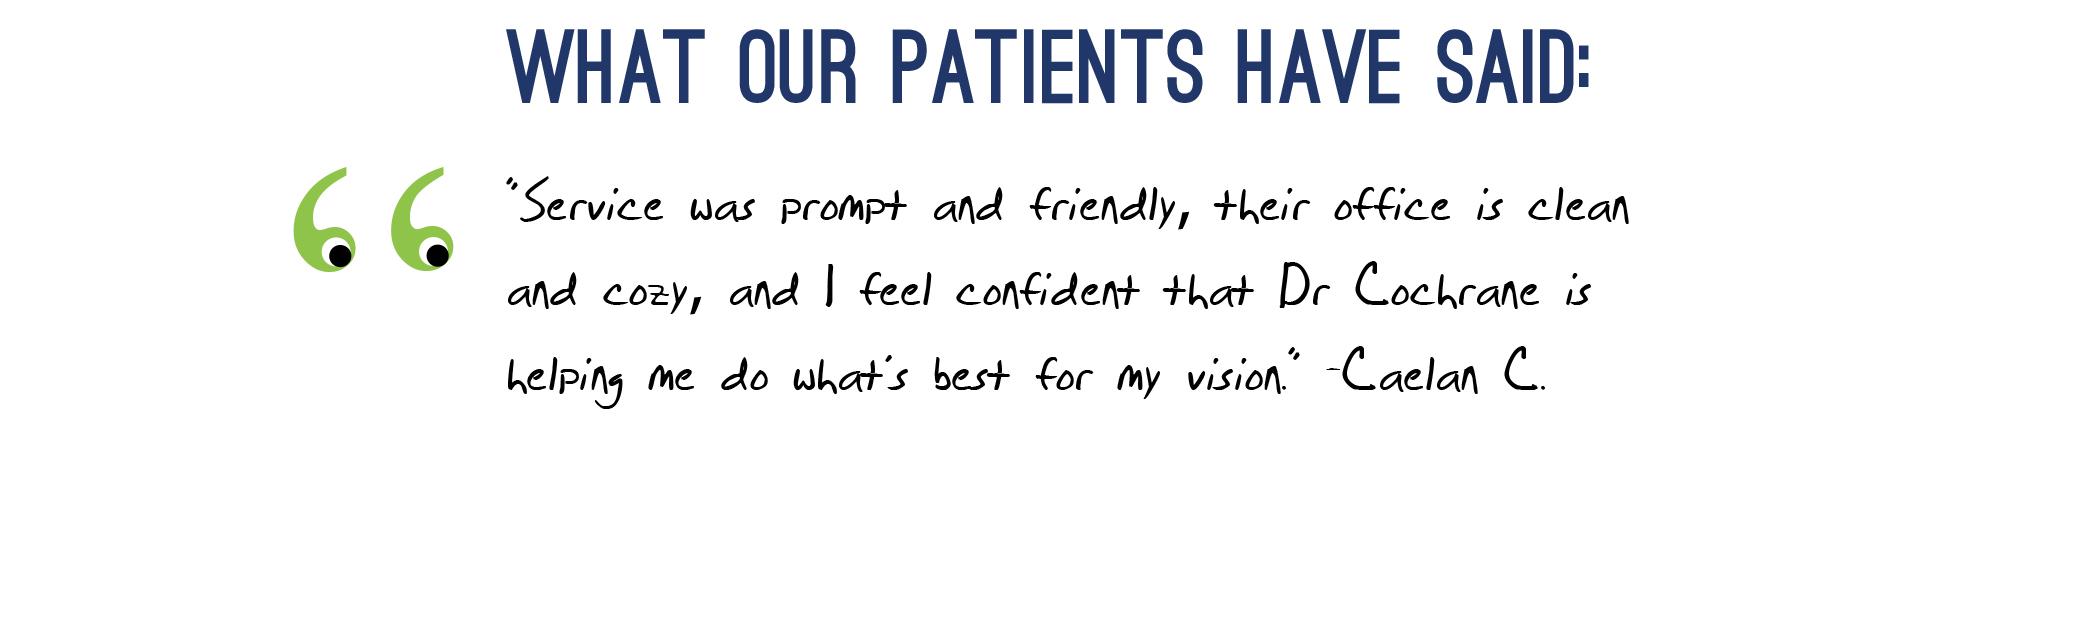 cochrane-patient-review-2.jpg